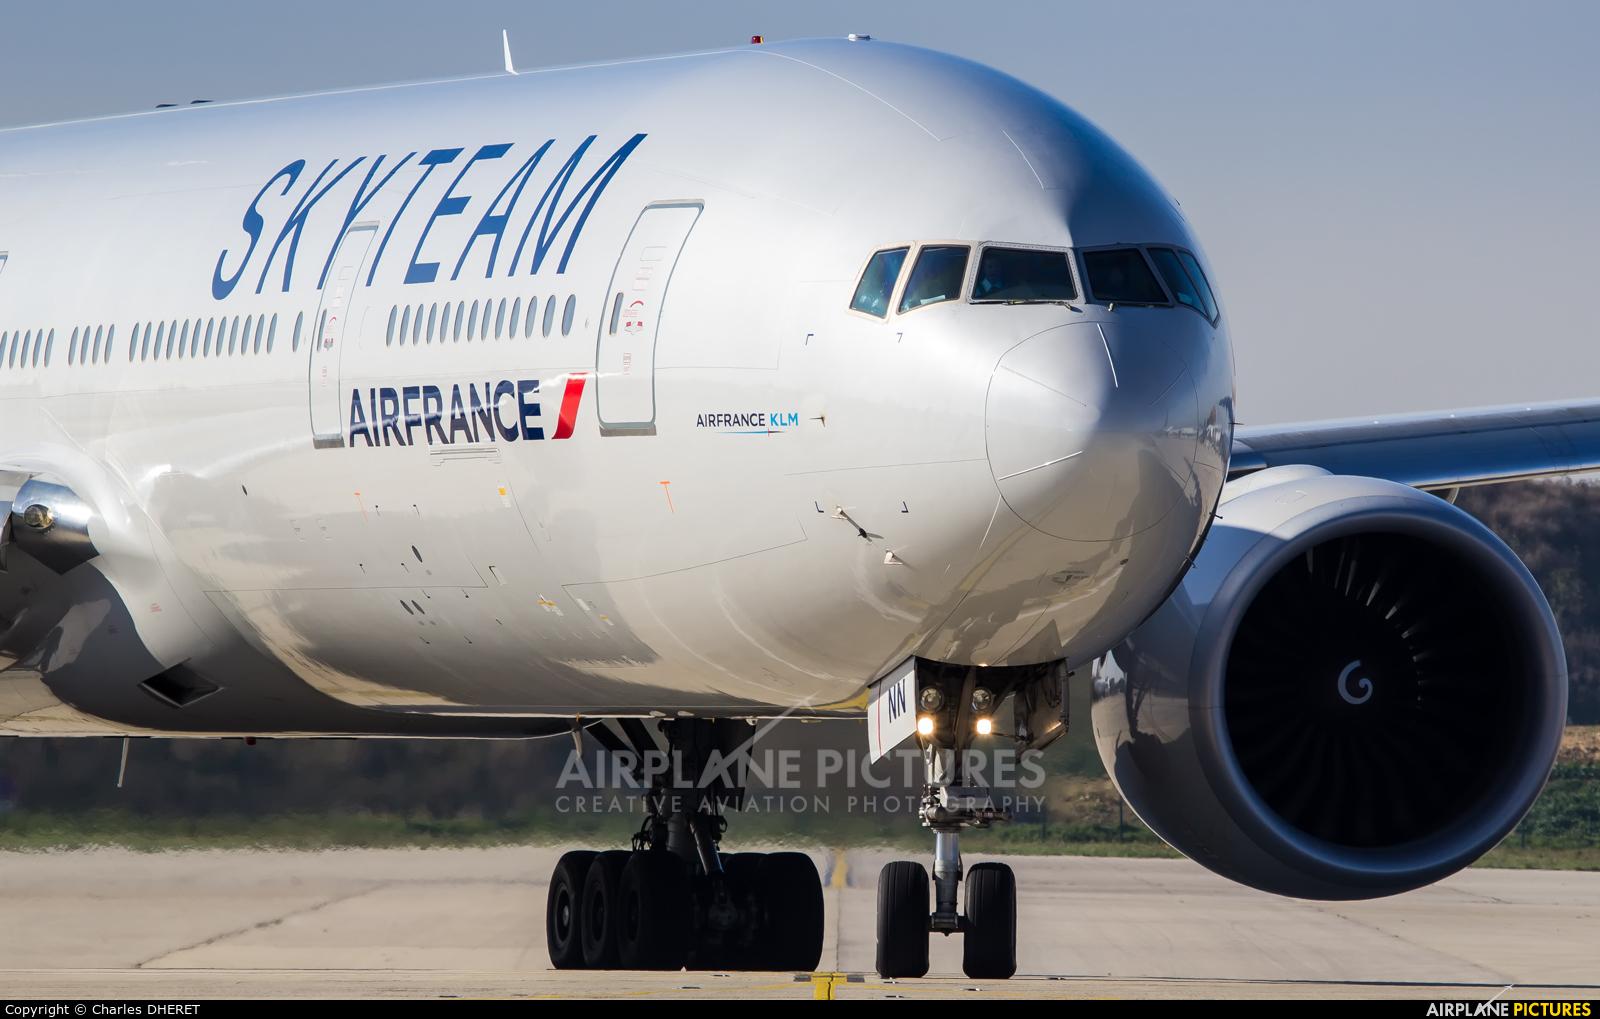 Air France F-GZNN aircraft at Paris - Charles de Gaulle